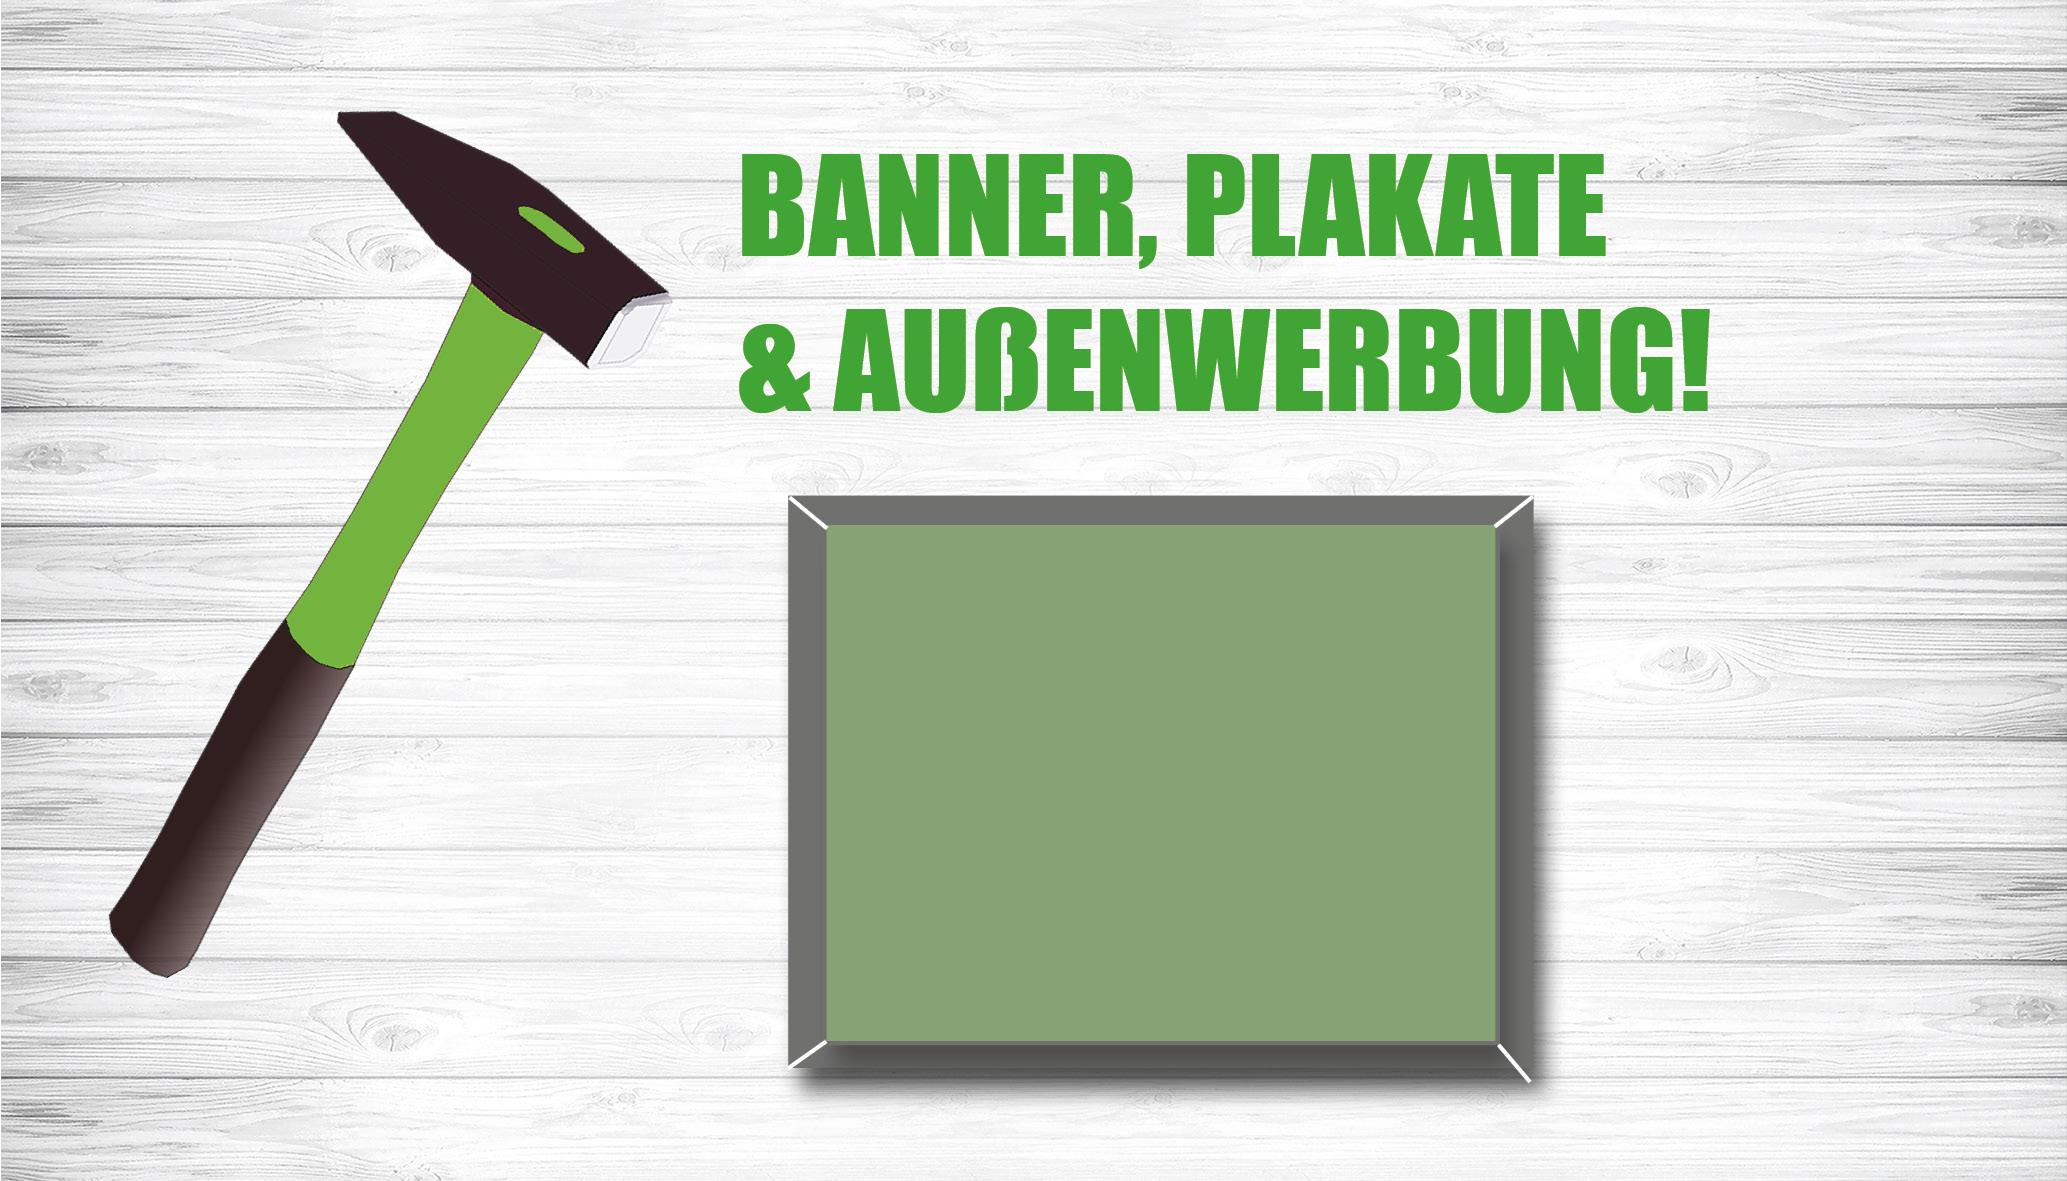 Slideshow_Banner_Plakate_Außenwerbung